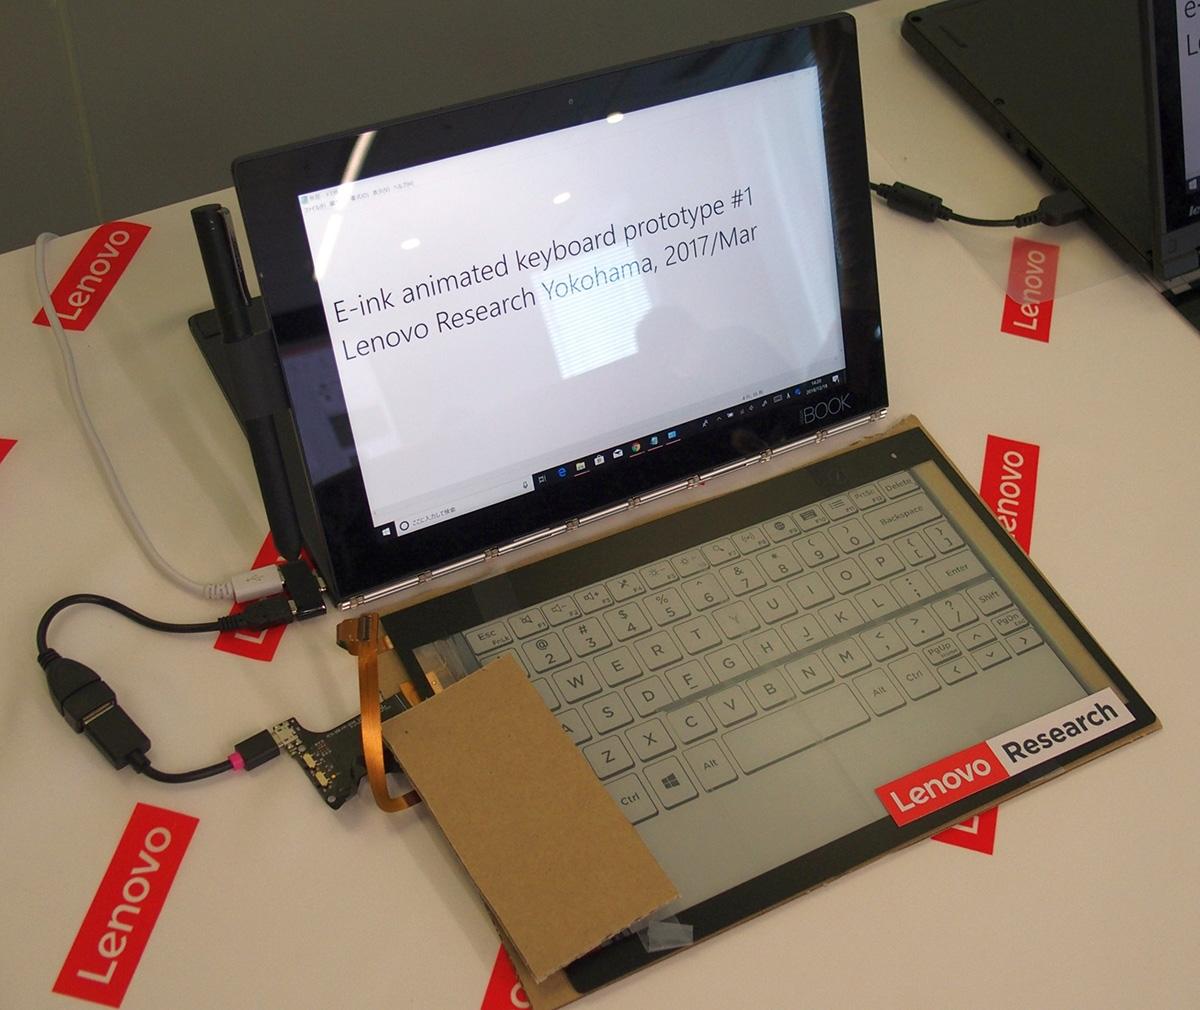 仮想3Dキーボード機能を実装したデモ機